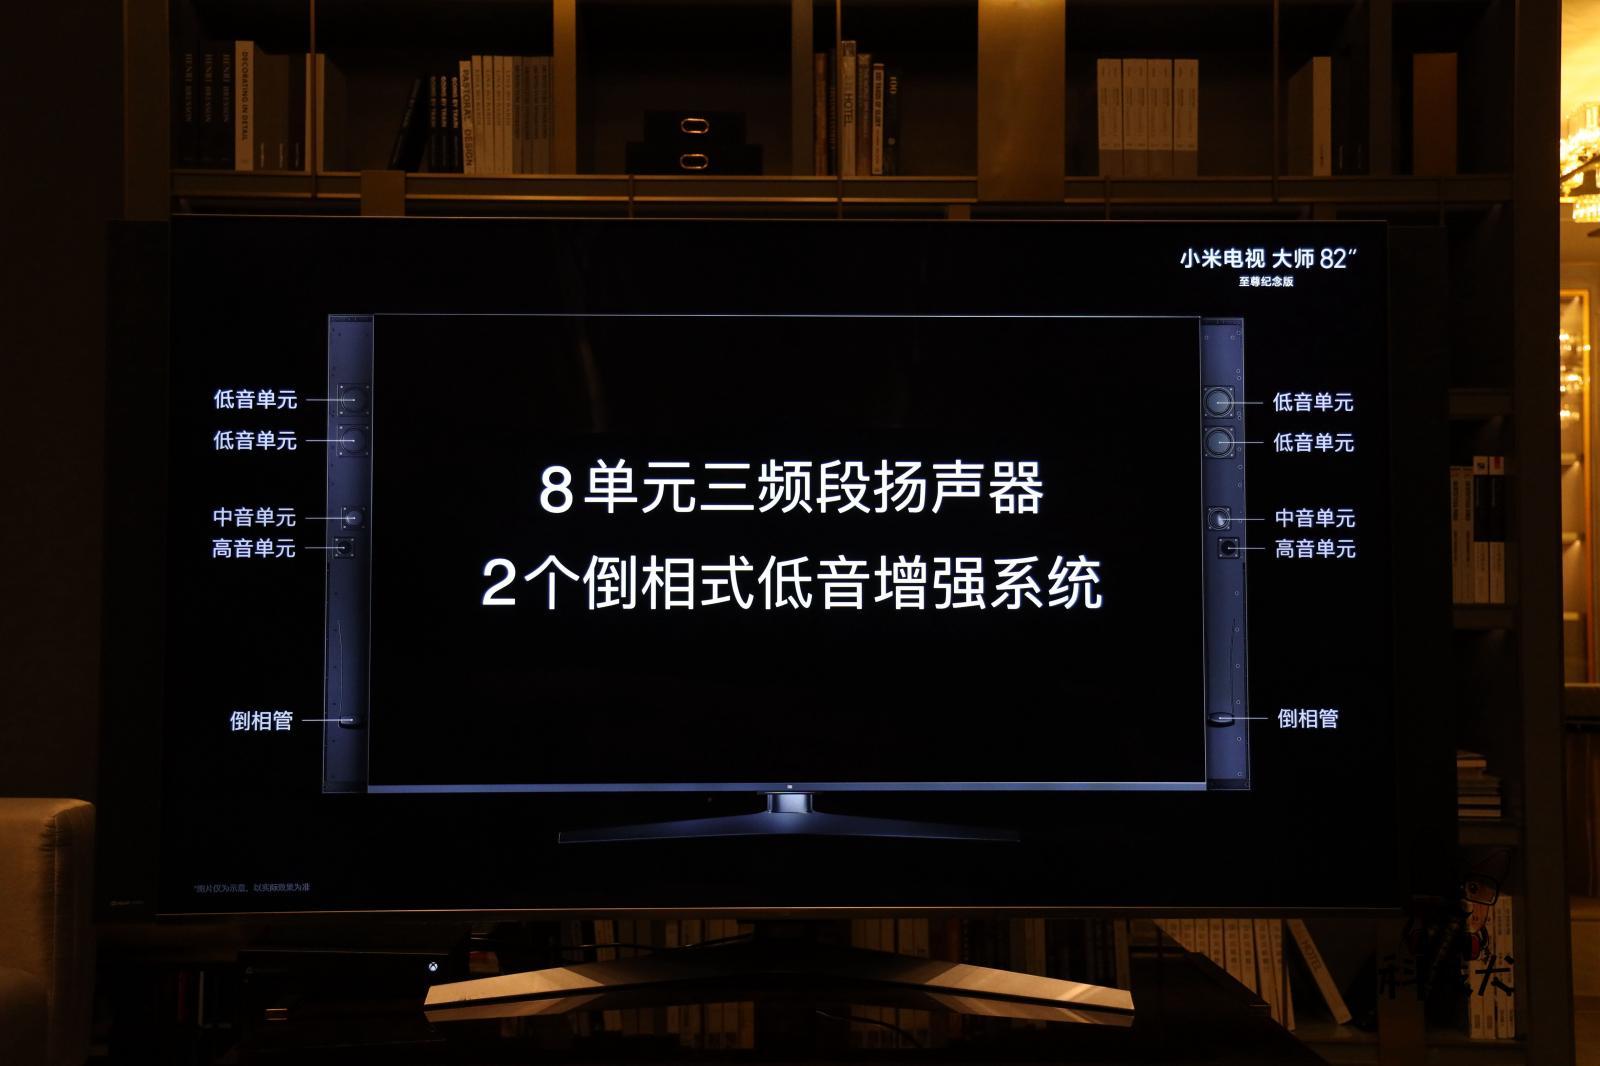 小米电视大师系列发布两款巨屏;Redmi 10X降价促销